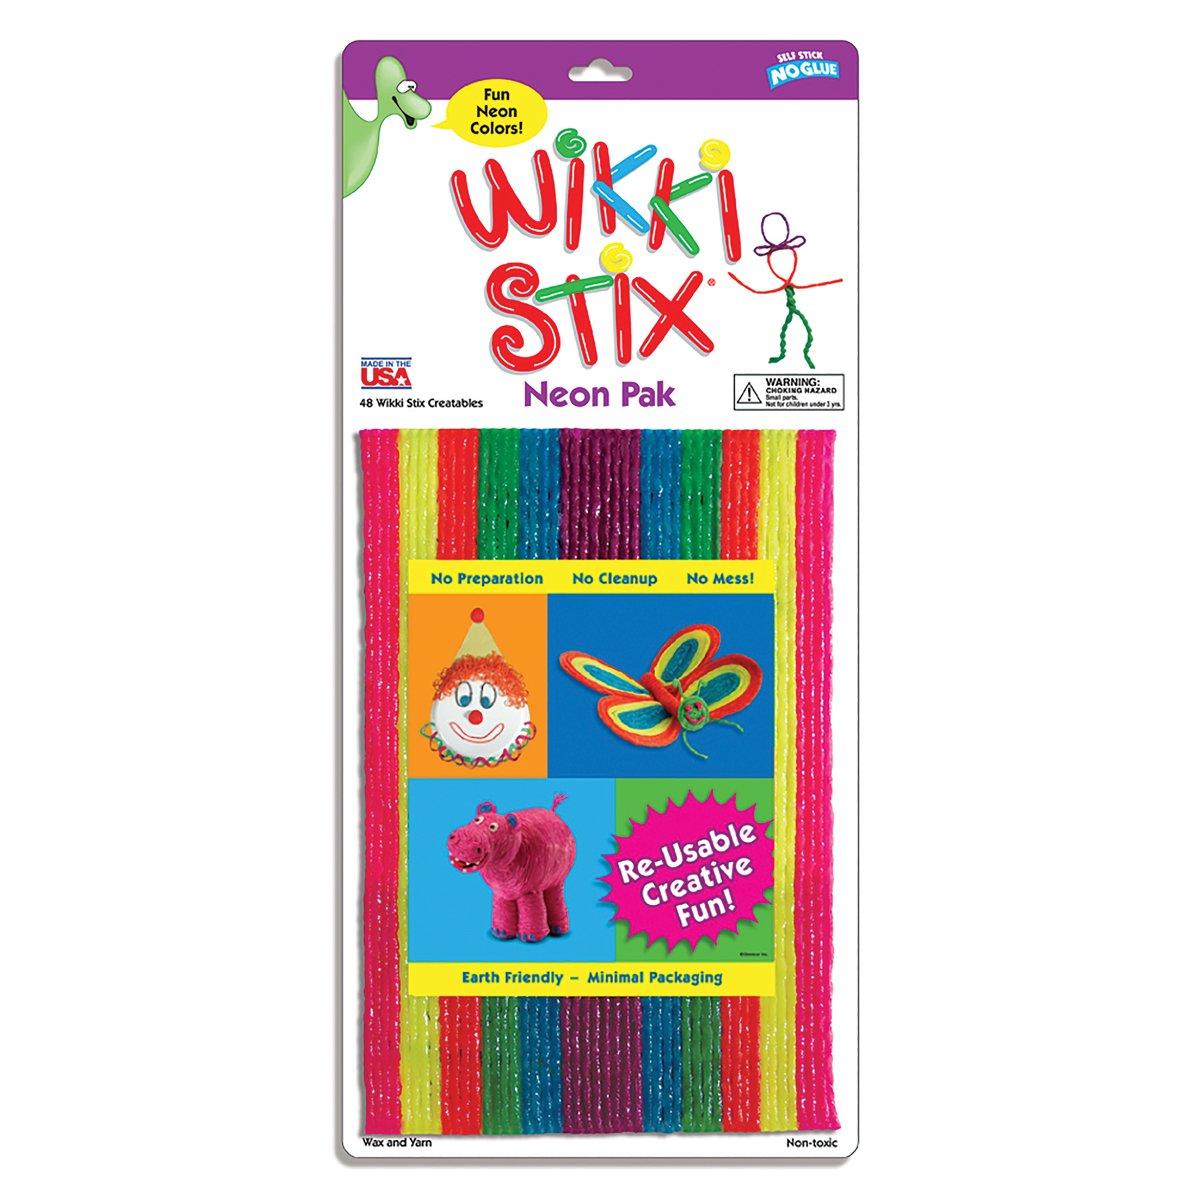 Wikki Stix